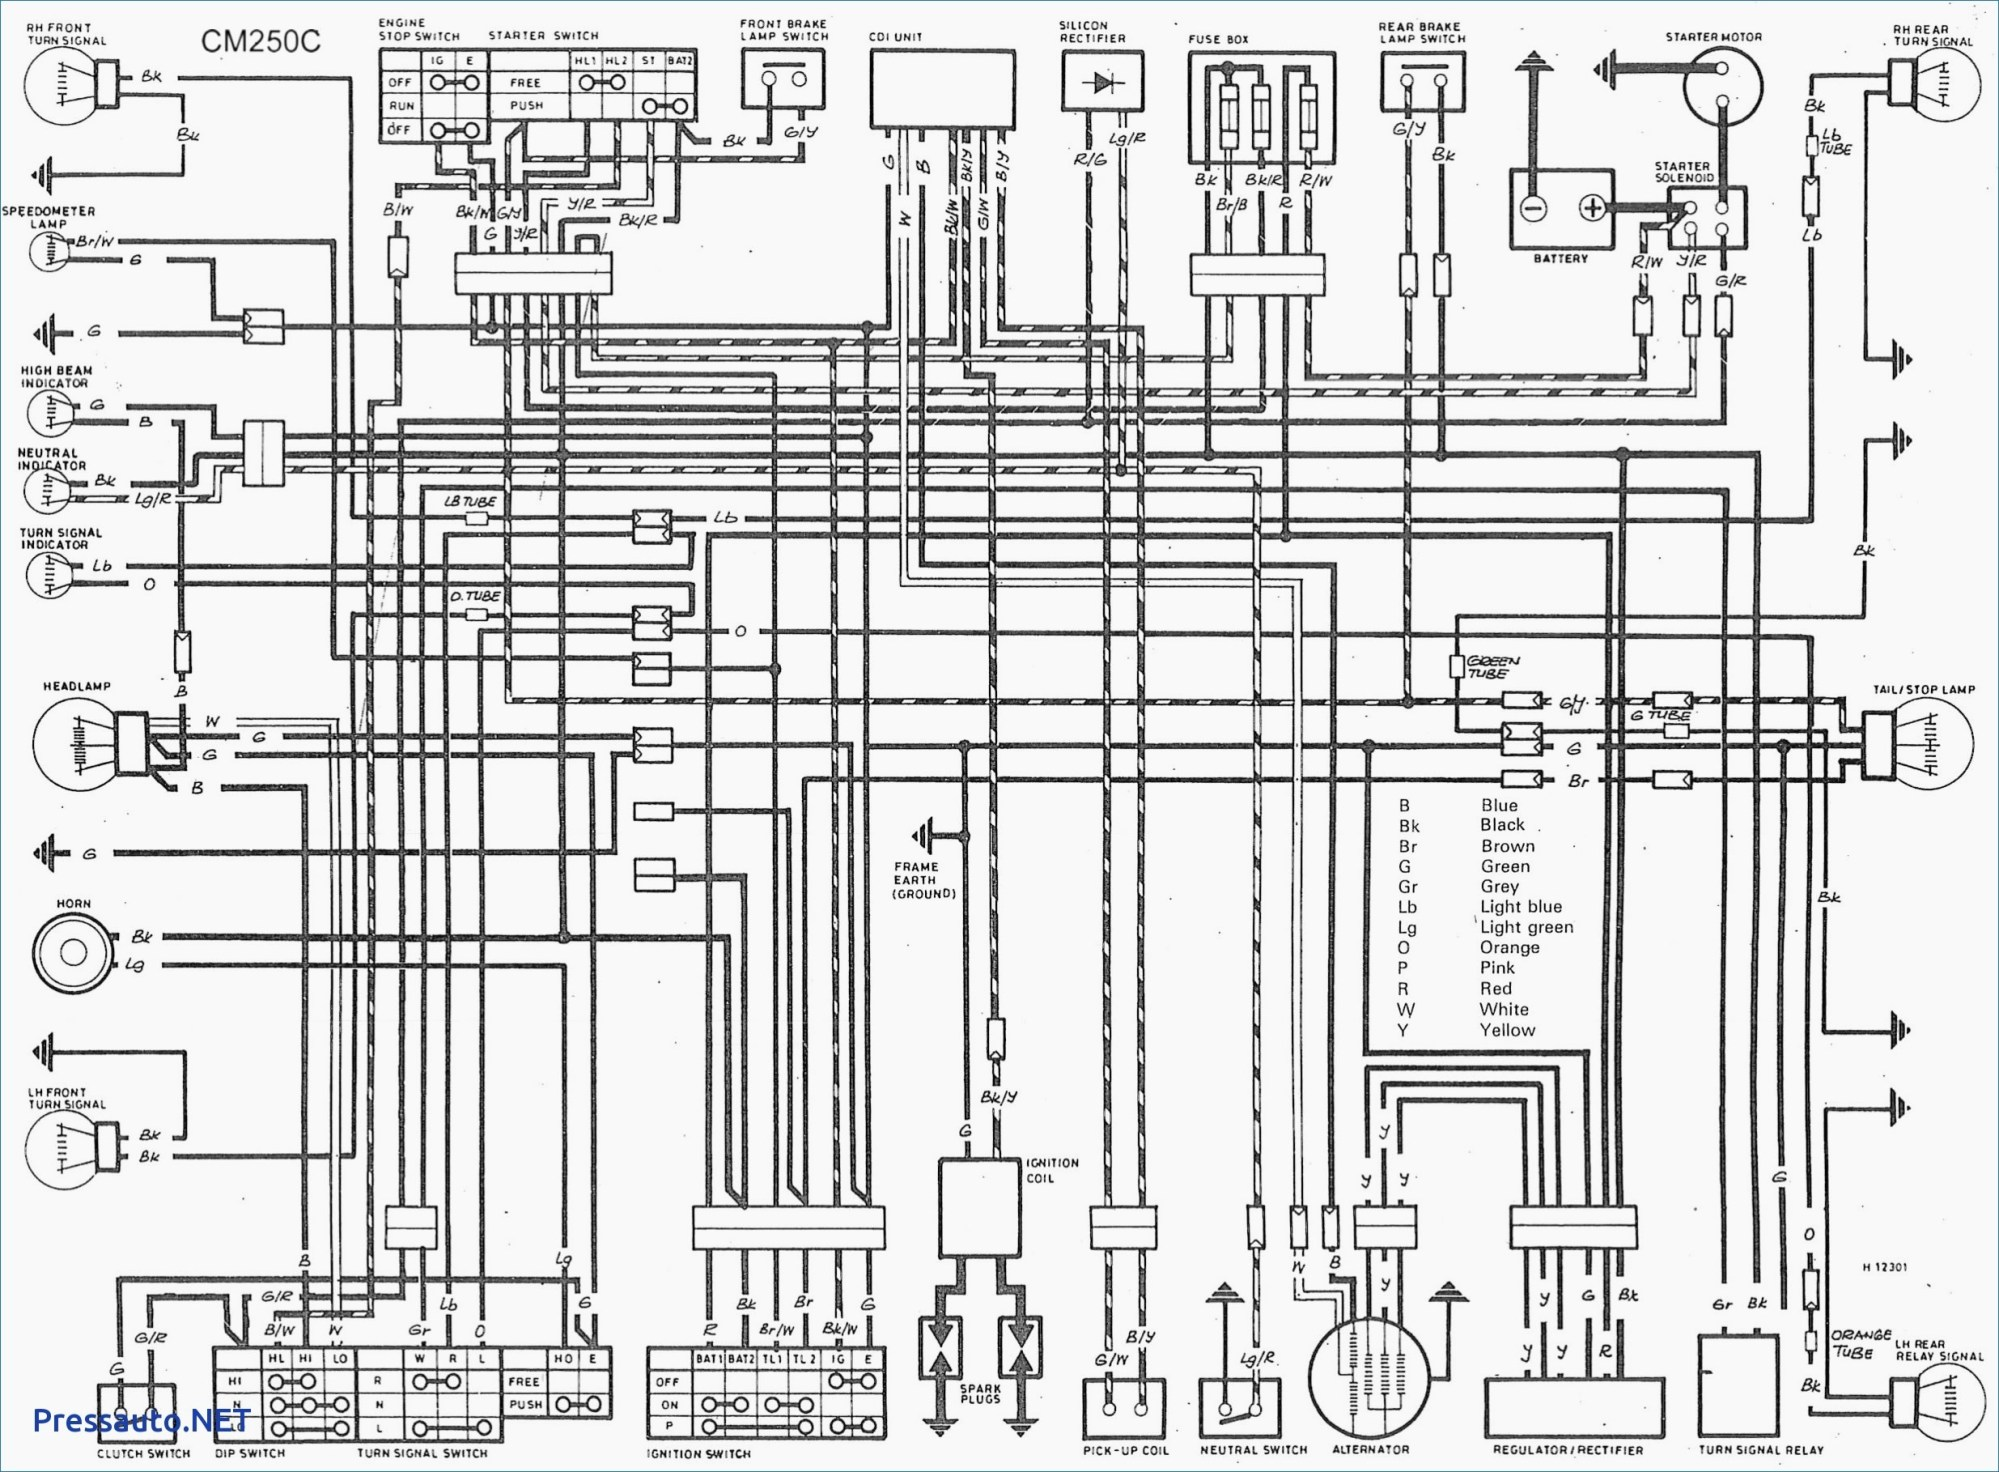 hight resolution of honda vfr wiring diagram wiring diagrams lolcb750 bobber wiring diagram wiring library honda cd70 wiring diagram